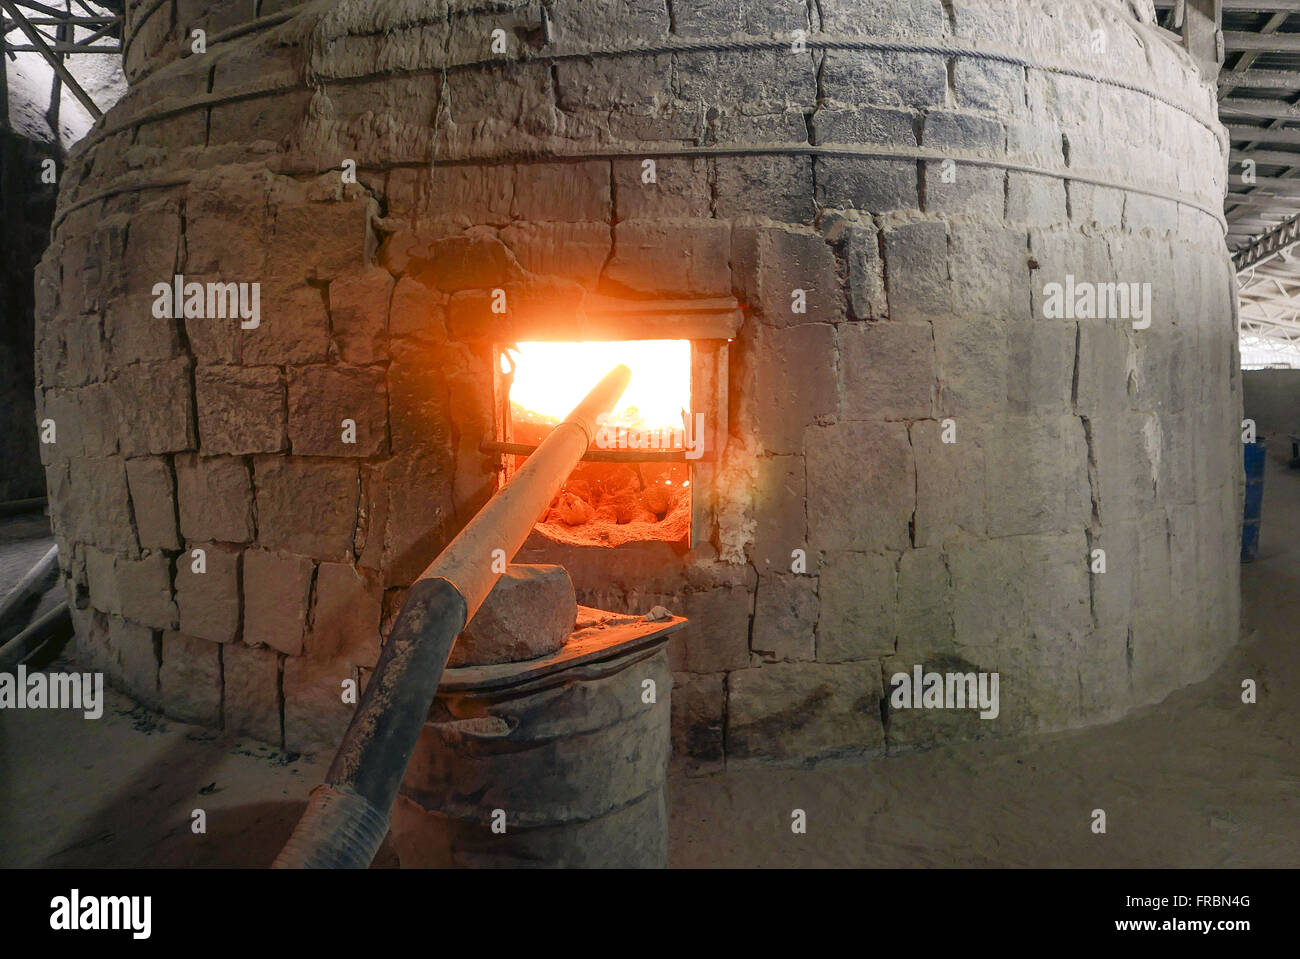 Fábrica de cal com detalhe do forno para queima do produto - Stock Image